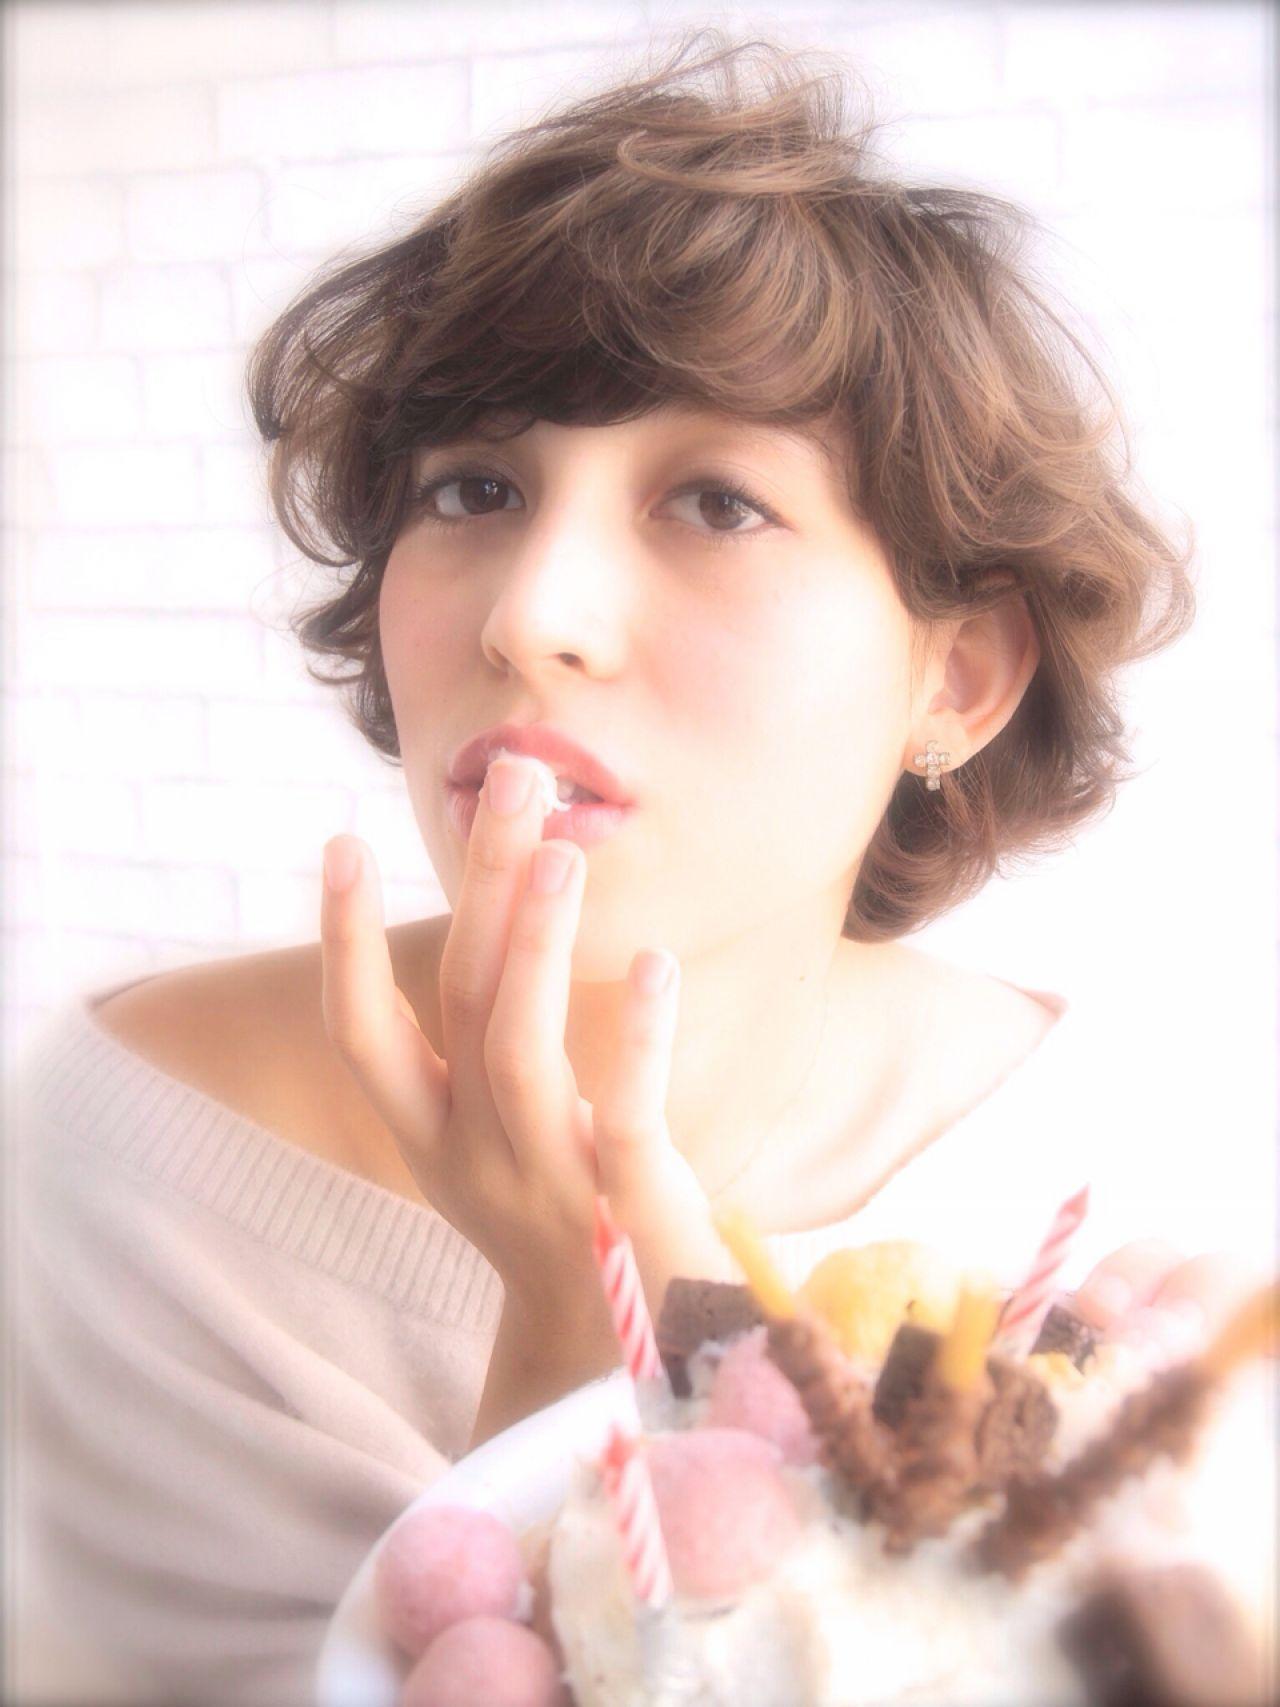 可愛いショートをつくるなら。ショートの巻き髪と巻き方のコツ  山下 純平 / nanuk